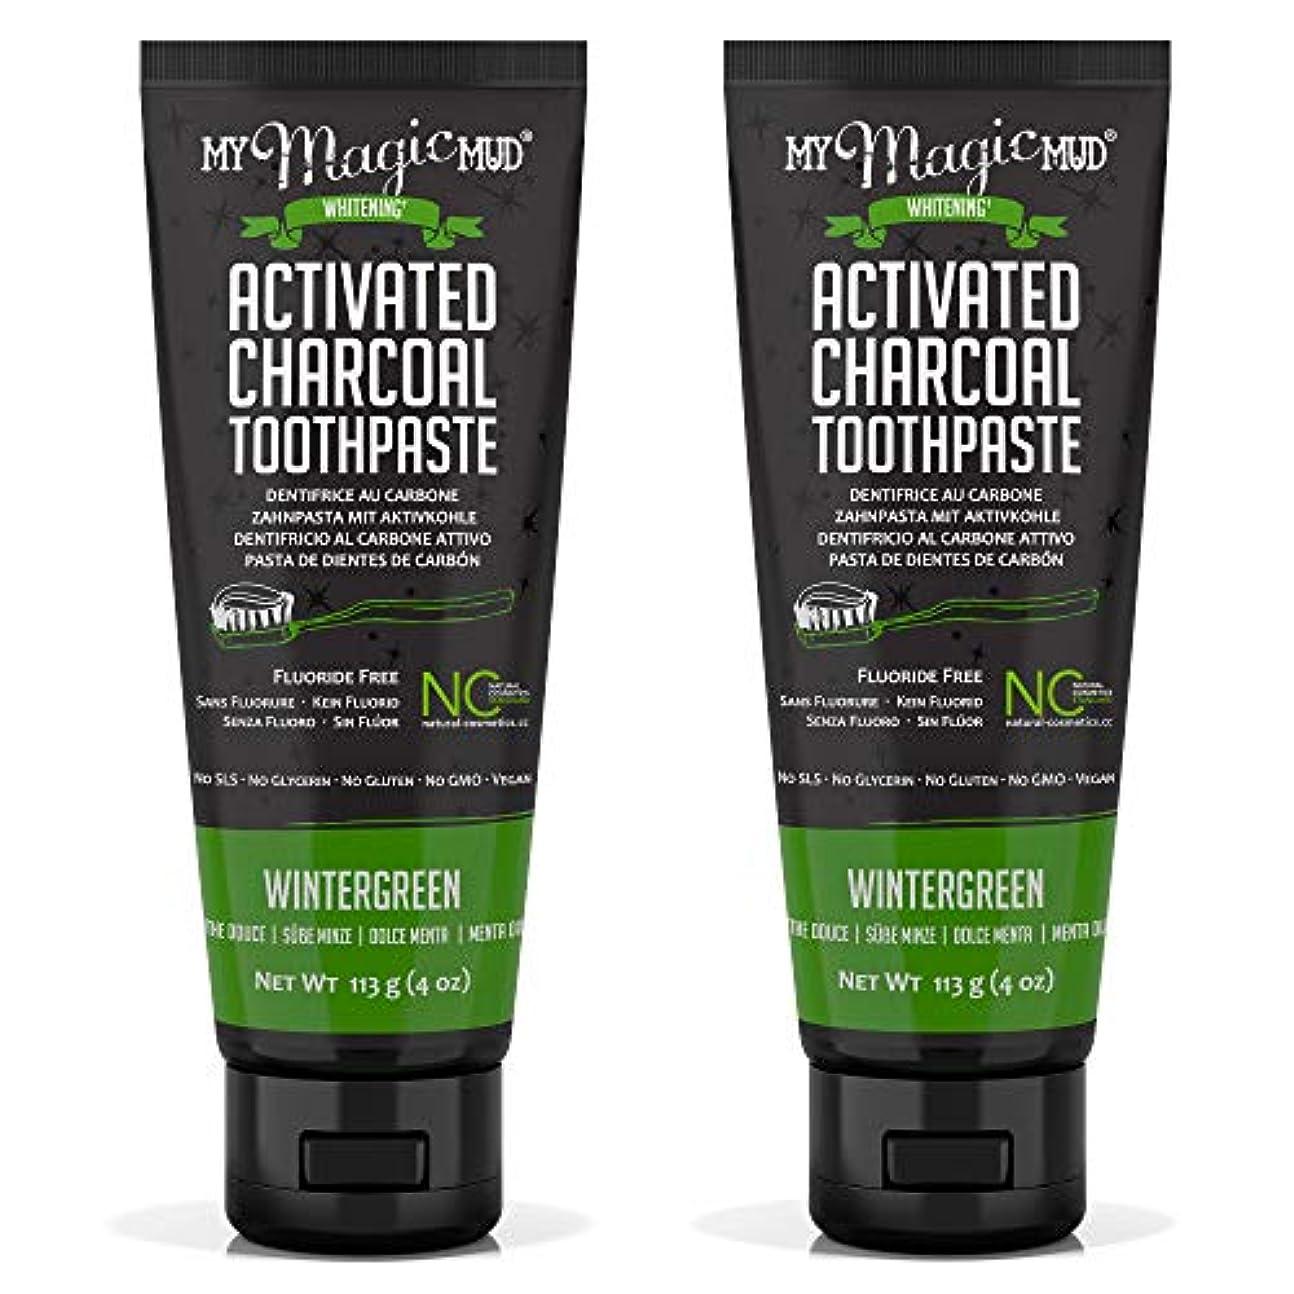 コイルホップ遠近法My Magic Mud Activated Charcoal Toothpaste (Fluoride-Free) - Wintergreen 113g/4oz並行輸入品